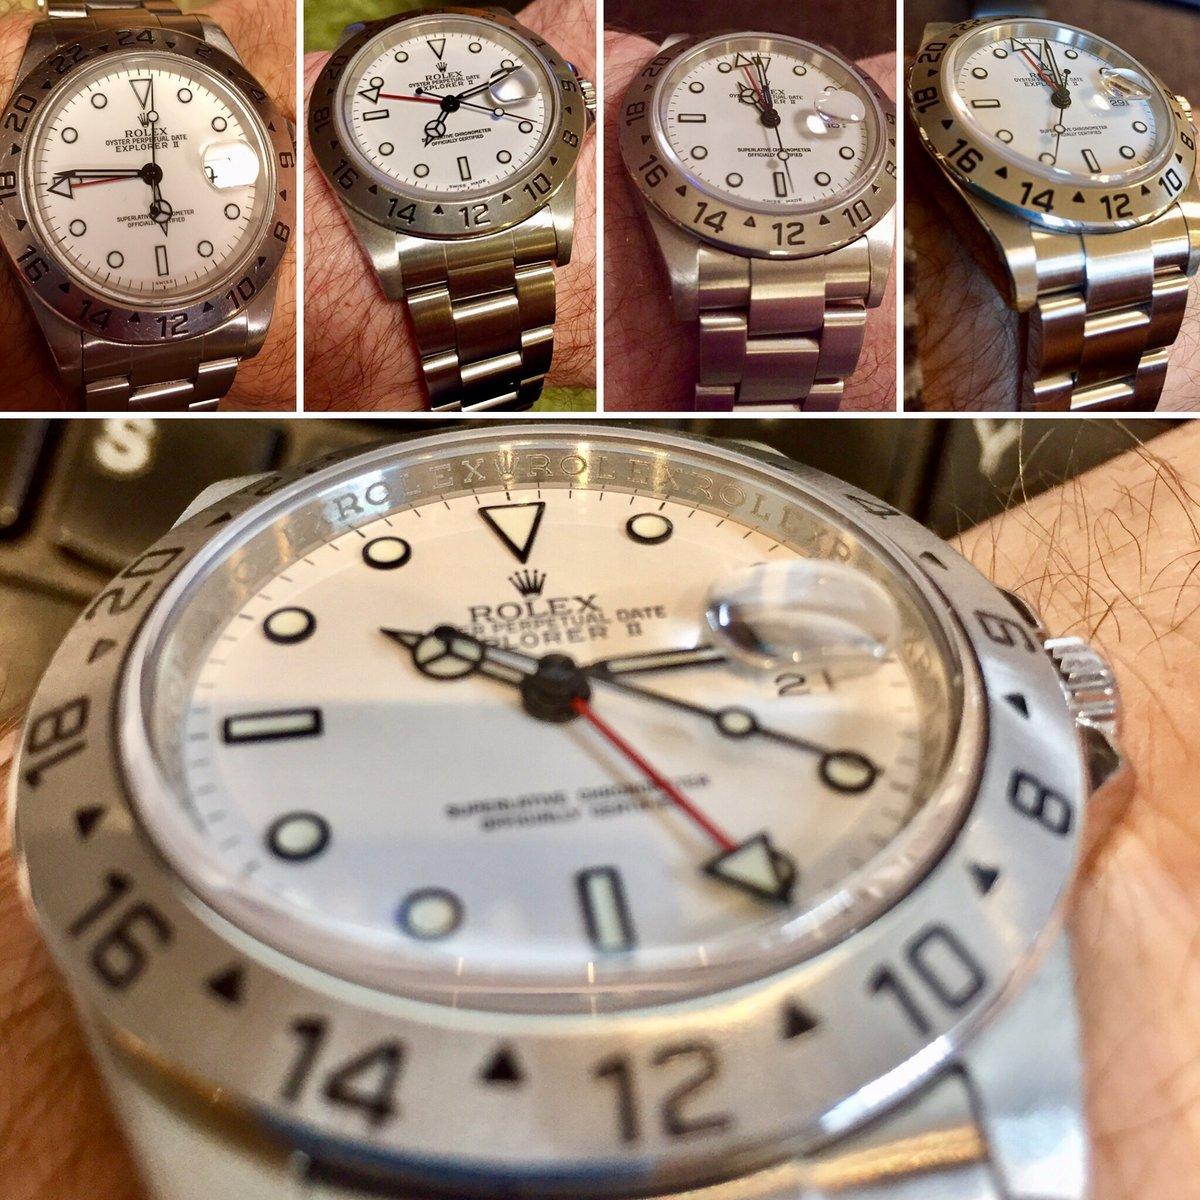 7B7DF476-432C-4053-B947-3D839A37742C.